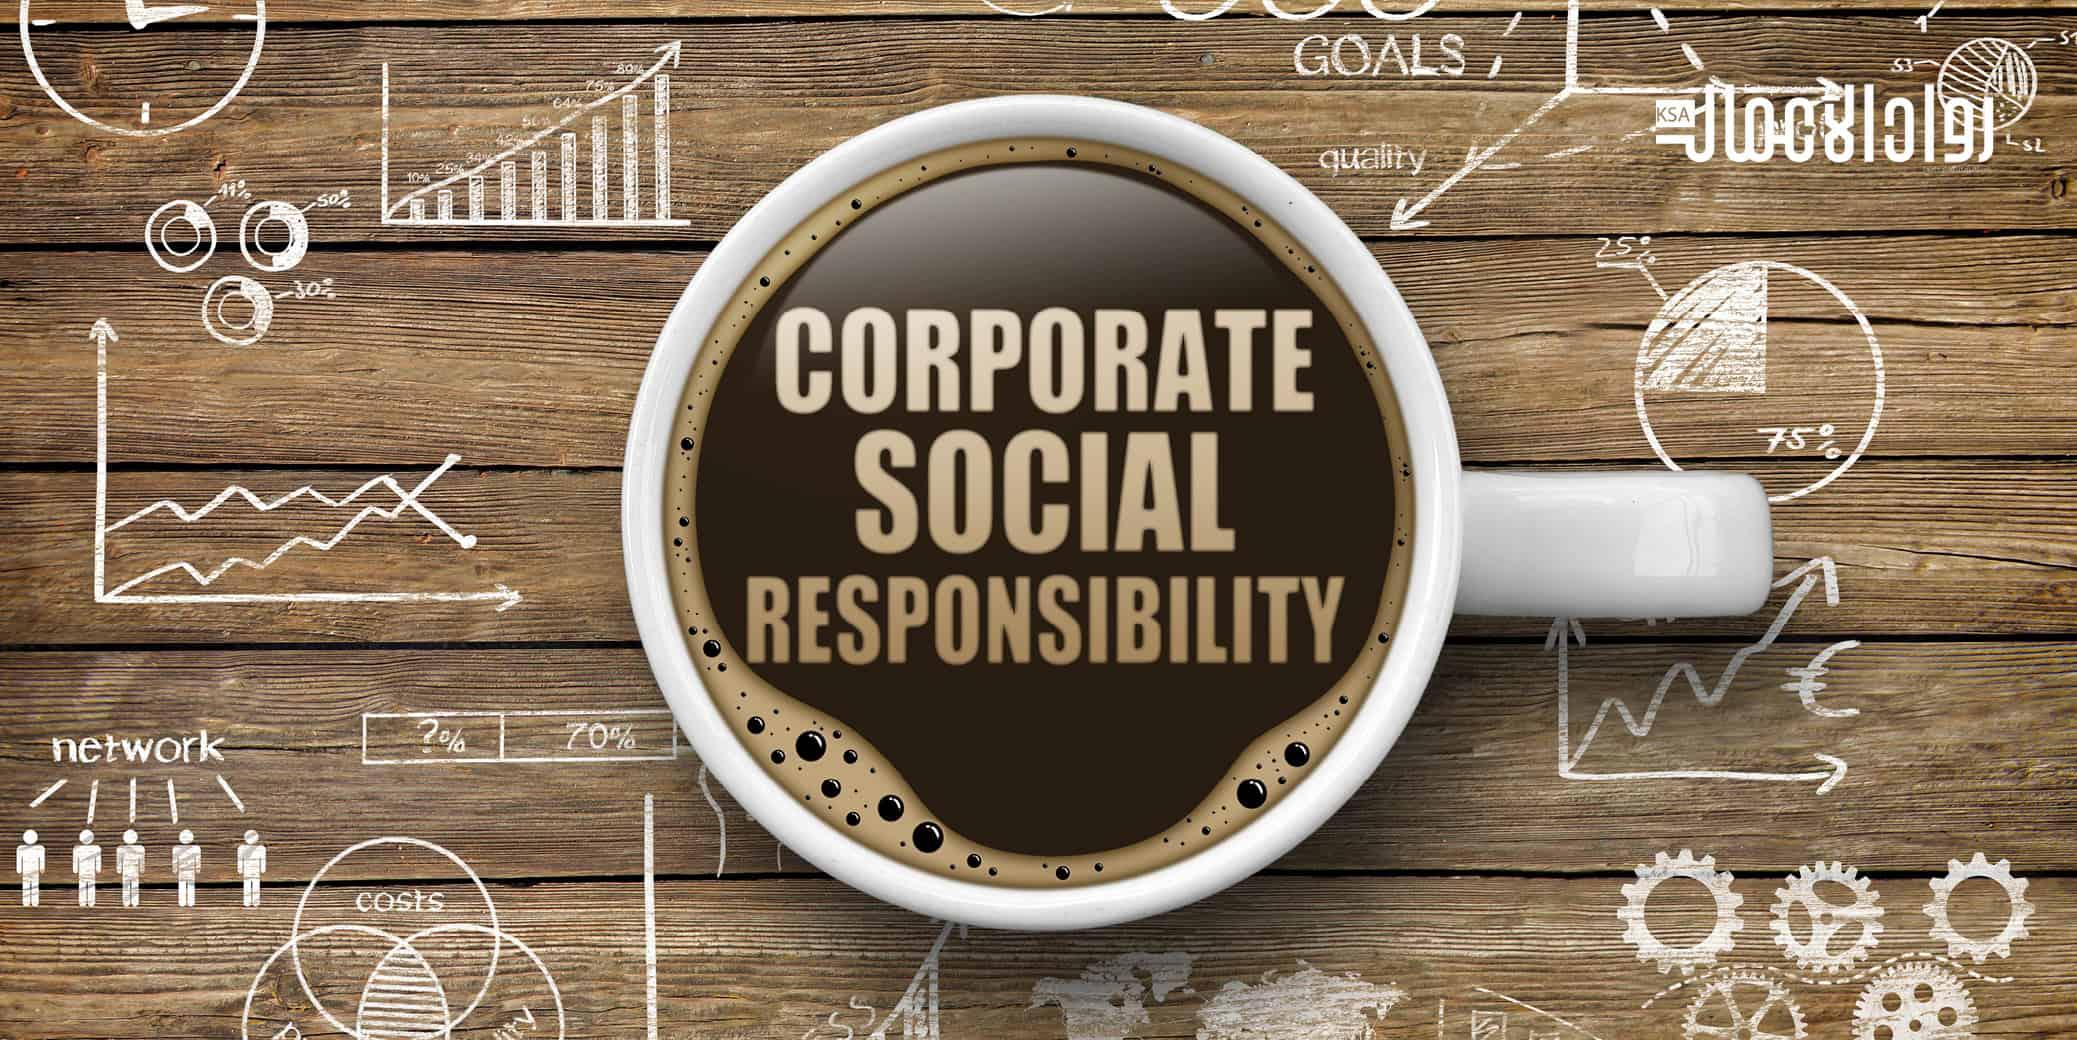 الأنشطة البيئية في الشركات